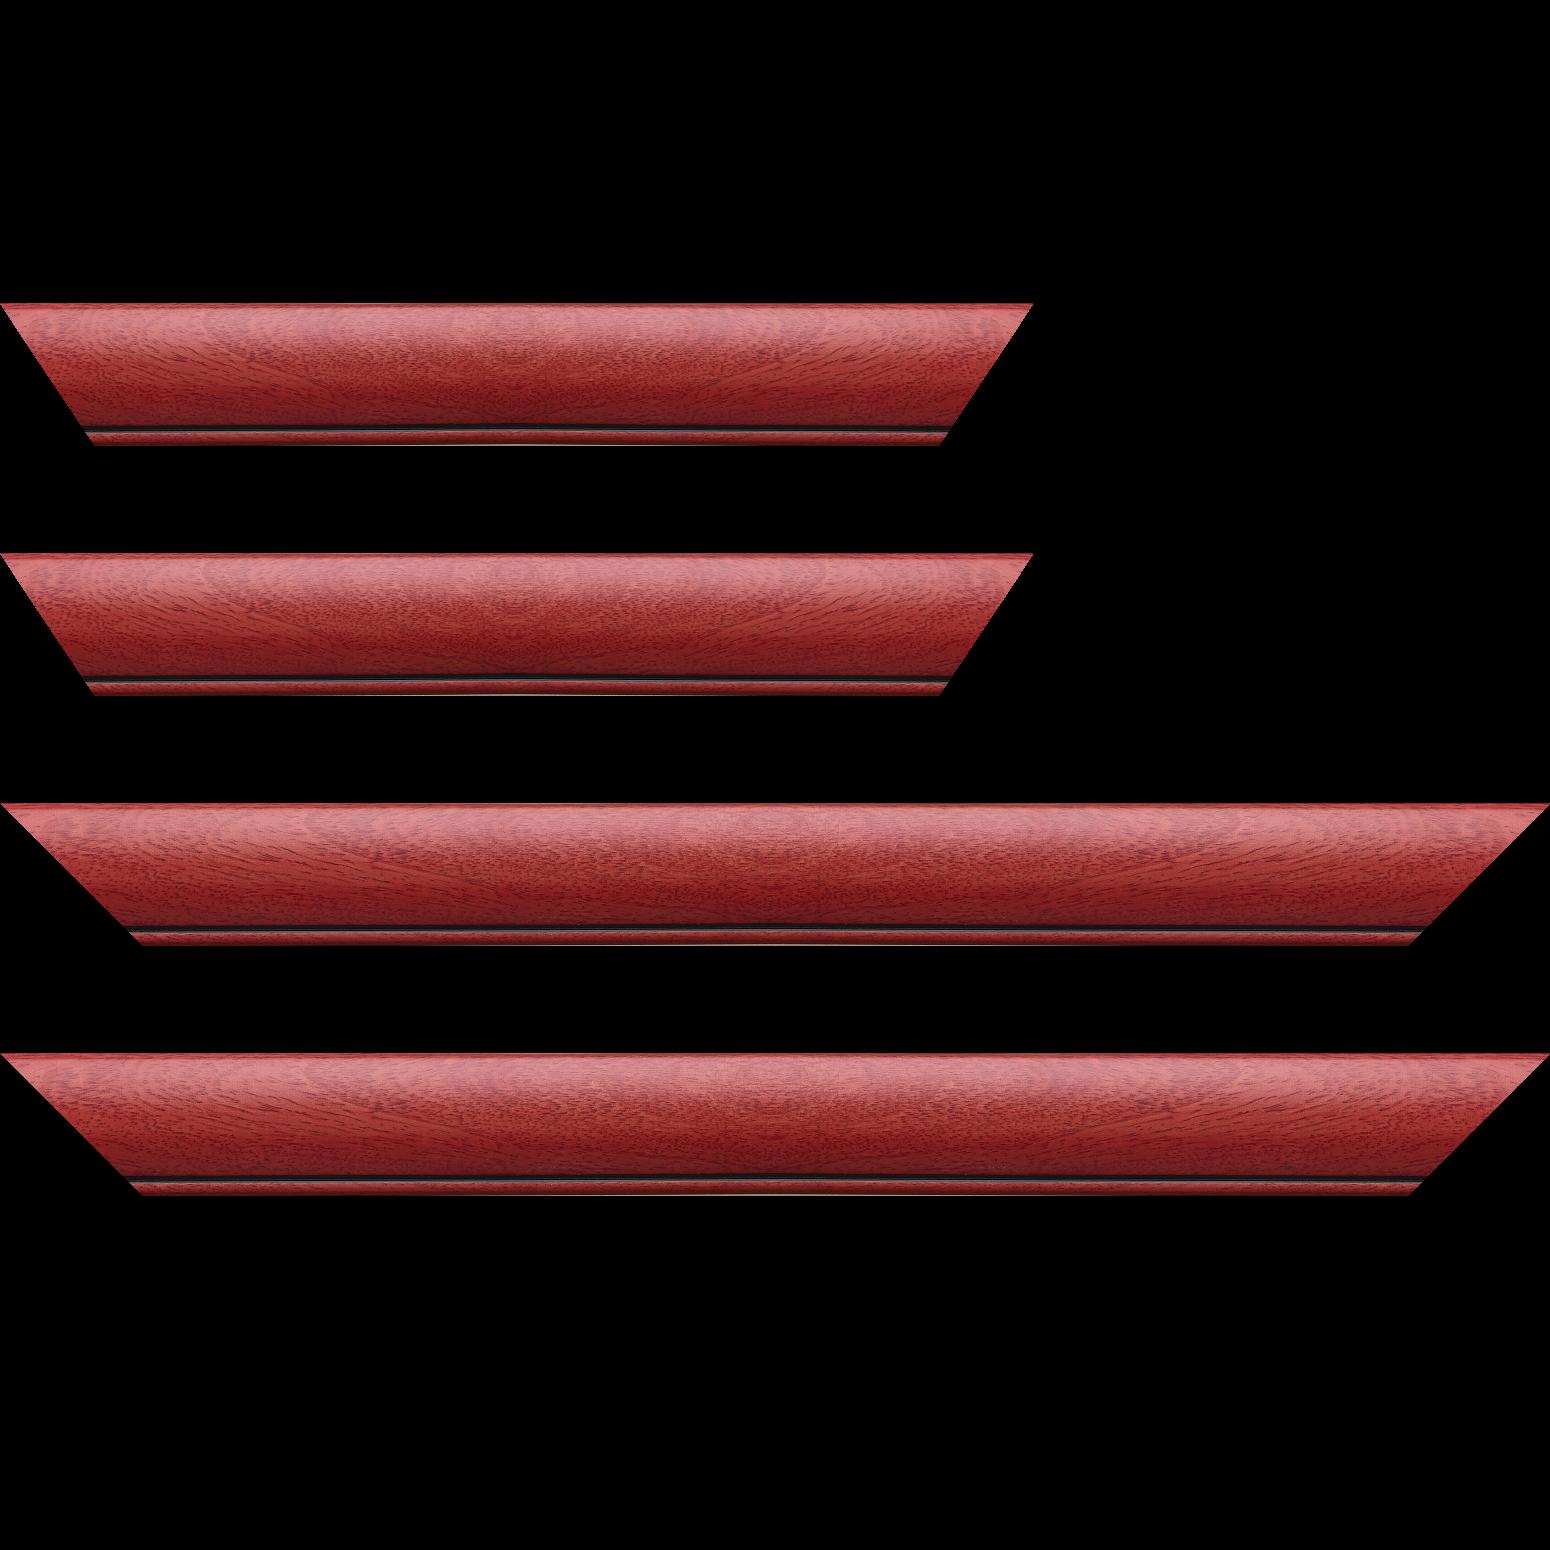 Baguette service précoupé Bois profil arrondi largeur 4.7cm couleur rouge cerise satiné rehaussé d'un filet noir